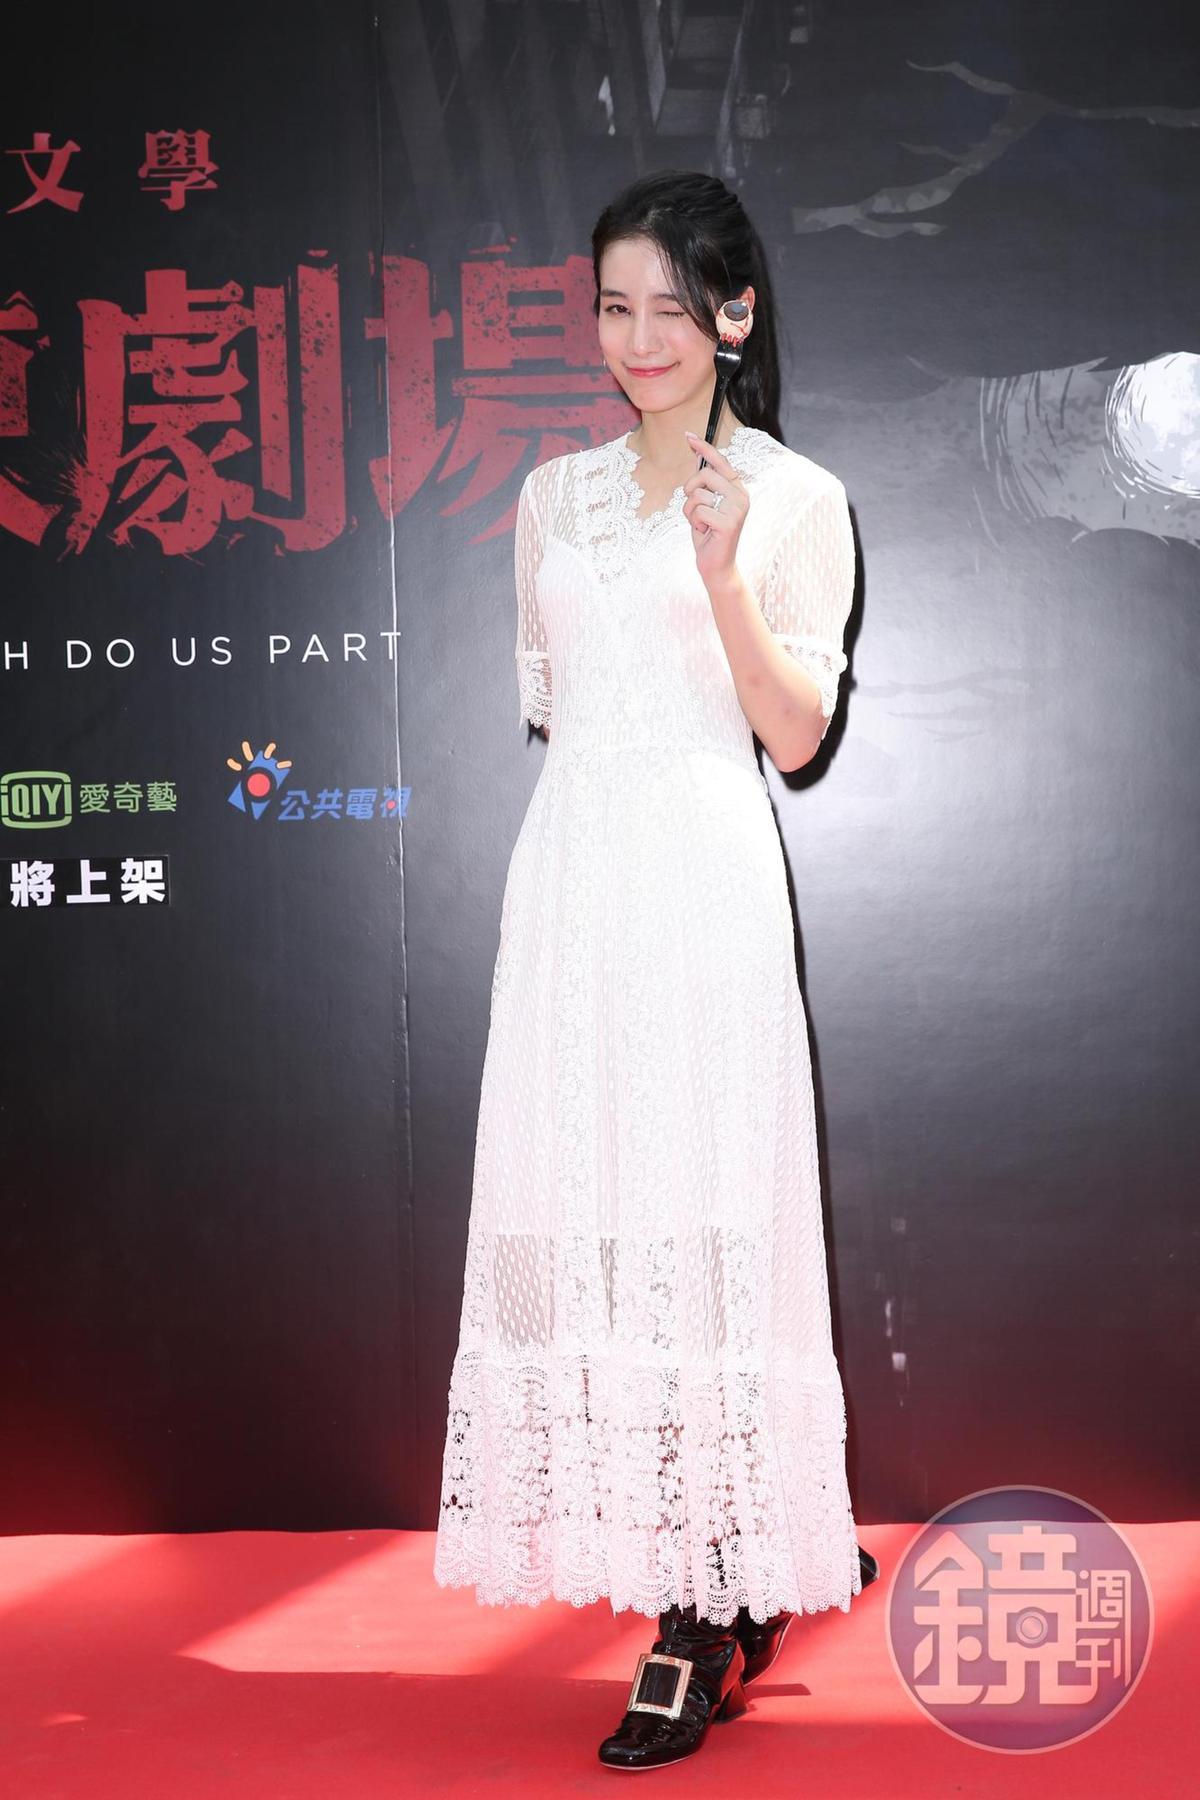 温貞菱拍攝《打掃》時正逢學校期中考,雖然蠟燭兩頭燒,她也完美地演繹了片中有潔癖的女主角朱婷。